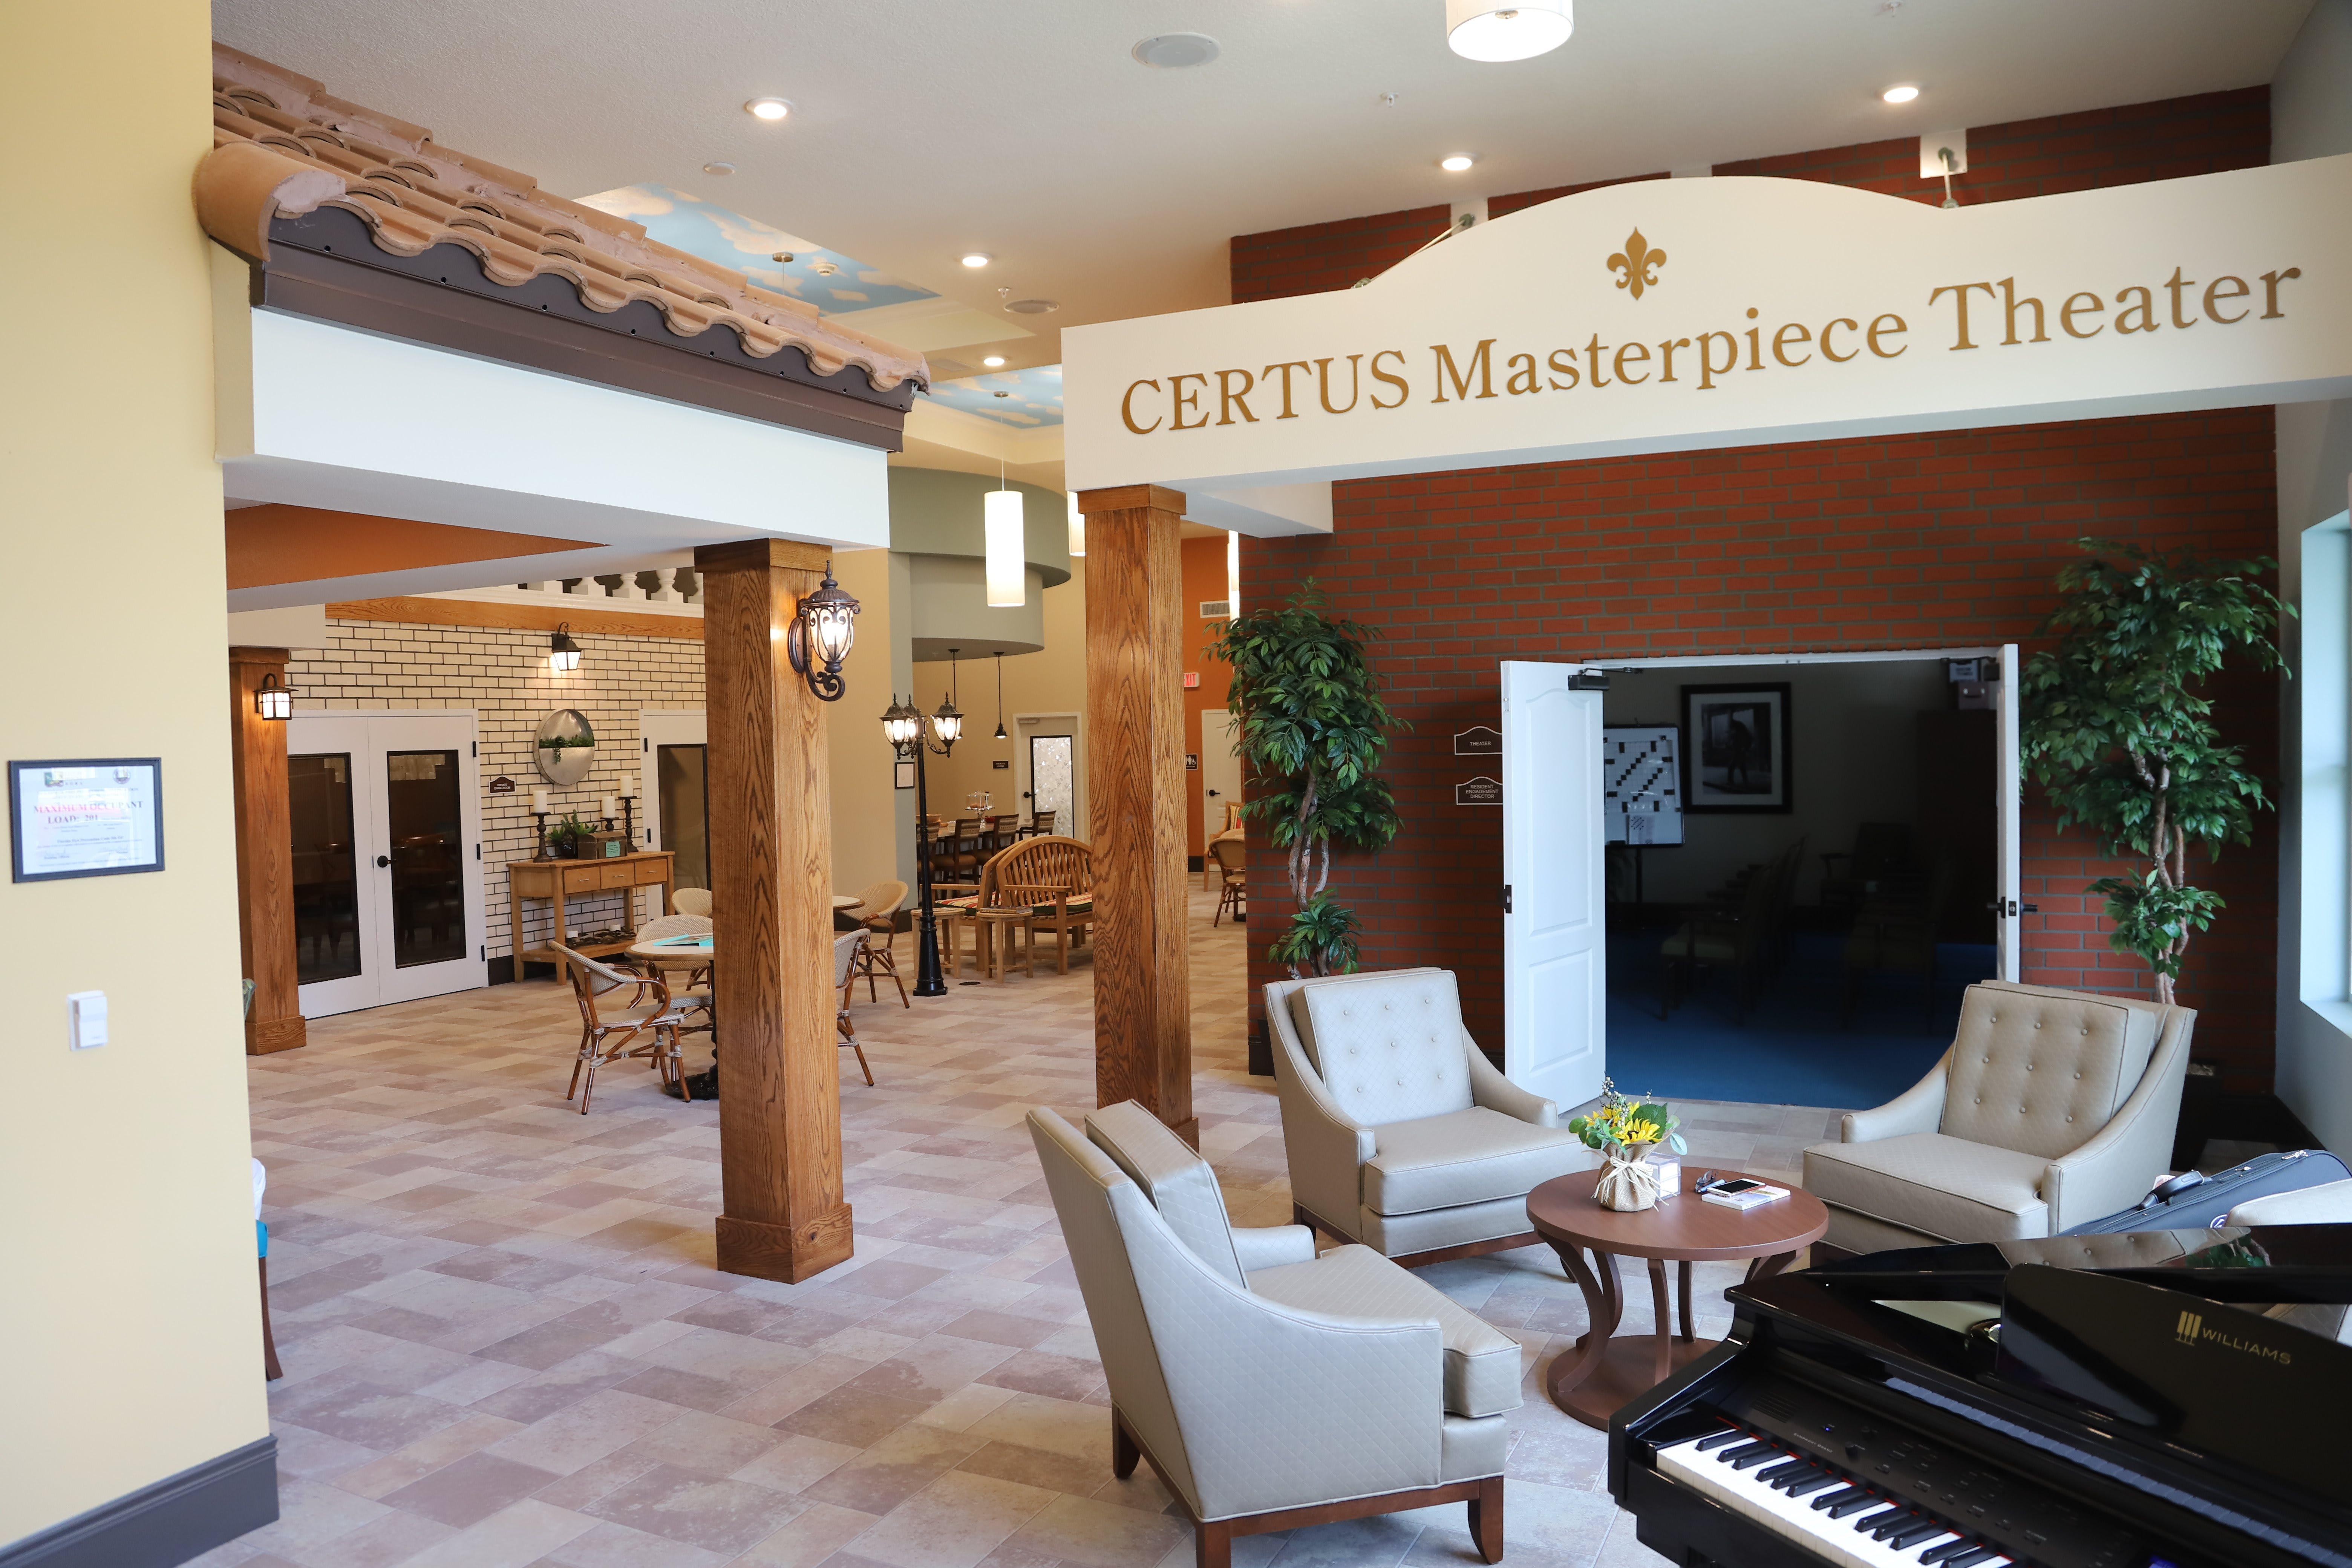 Photo 1 of CERTUS at Mount Dora